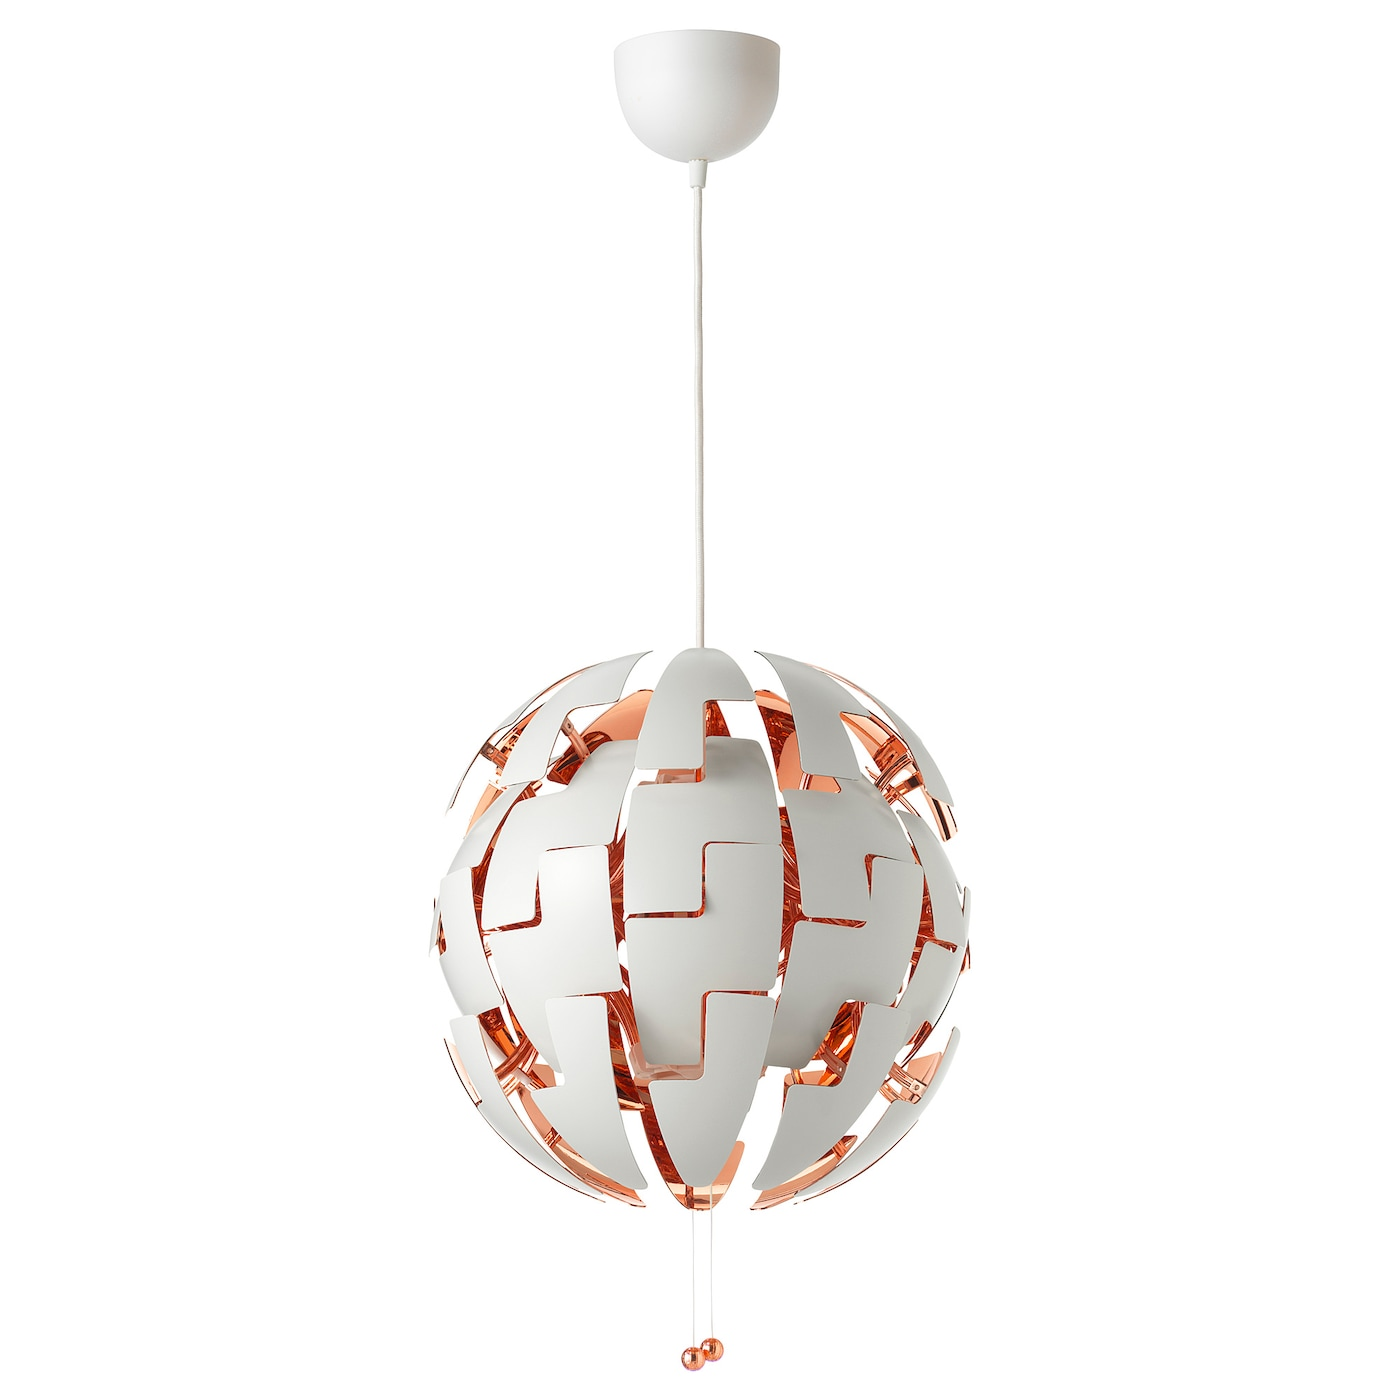 Ikea Ps 2014 Pendant Lamp White Copper Color 14 Ikea